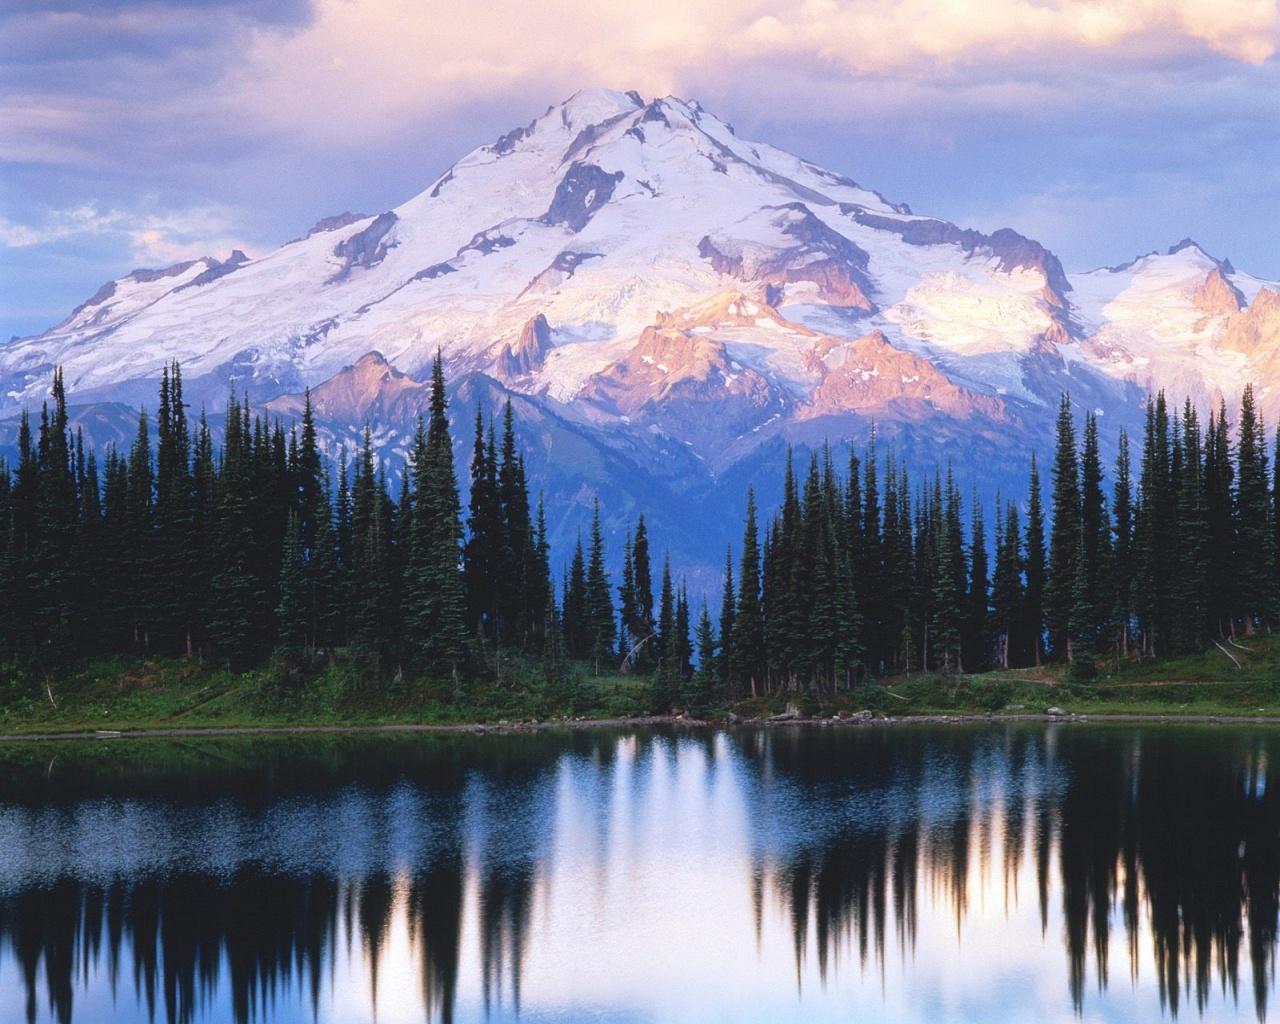 Nueva foto de montaas Fondos de paisajes 1280x1024